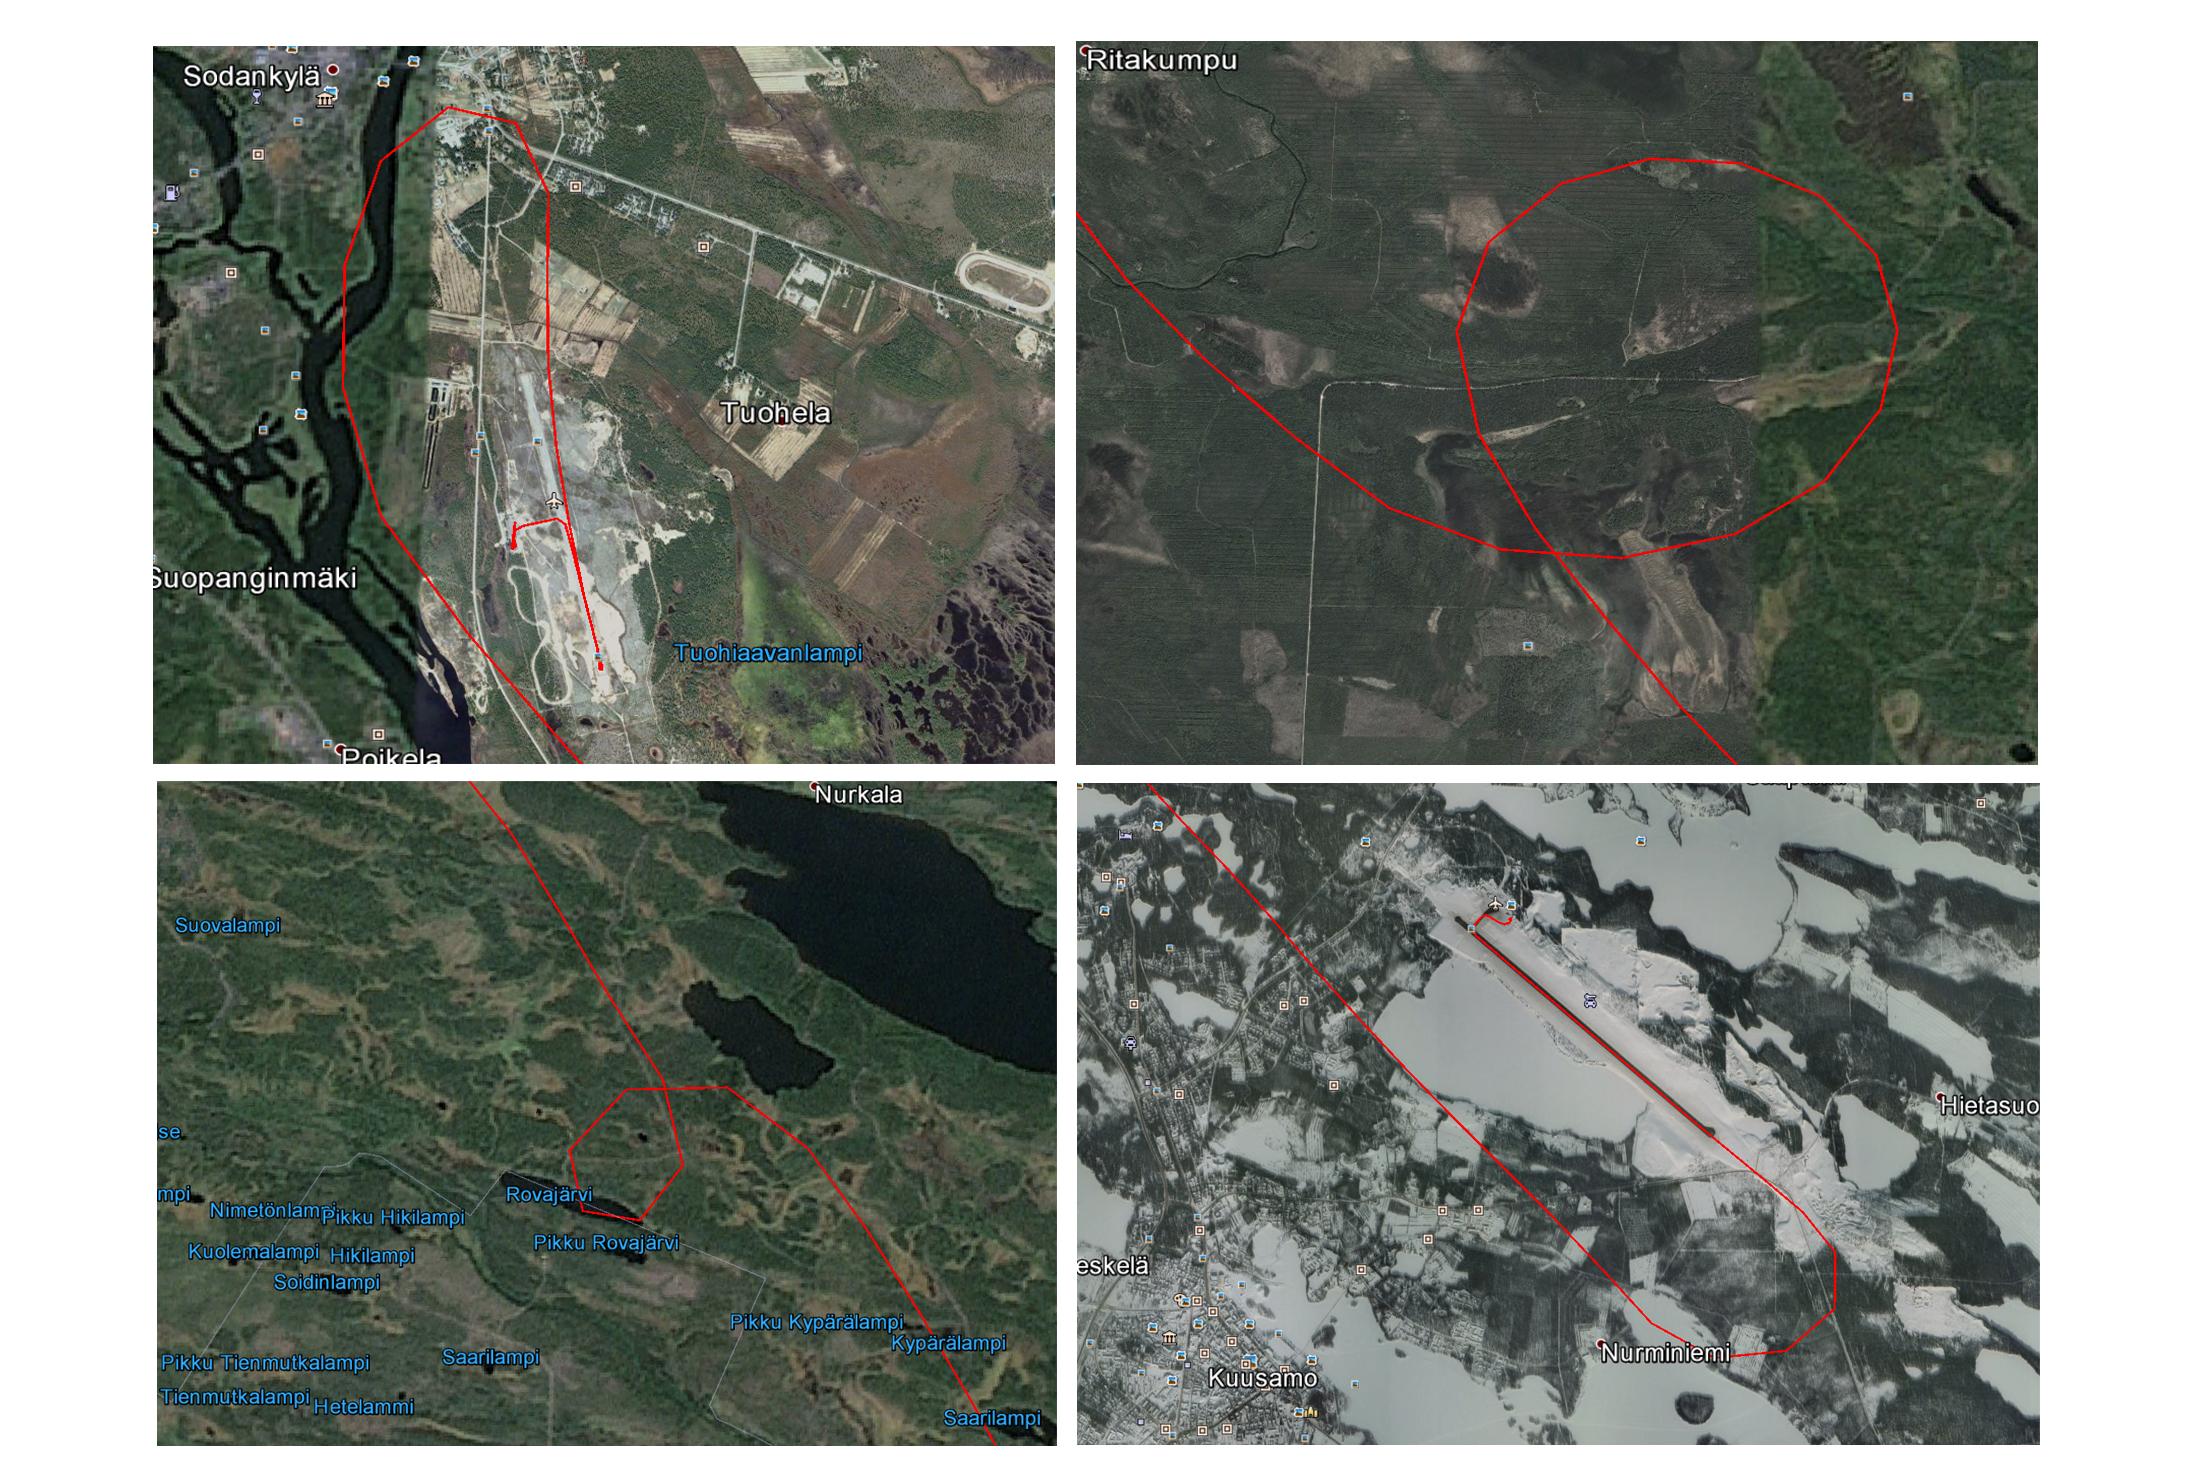 GPSMap 296:lla tallennettu jälki, eli track data